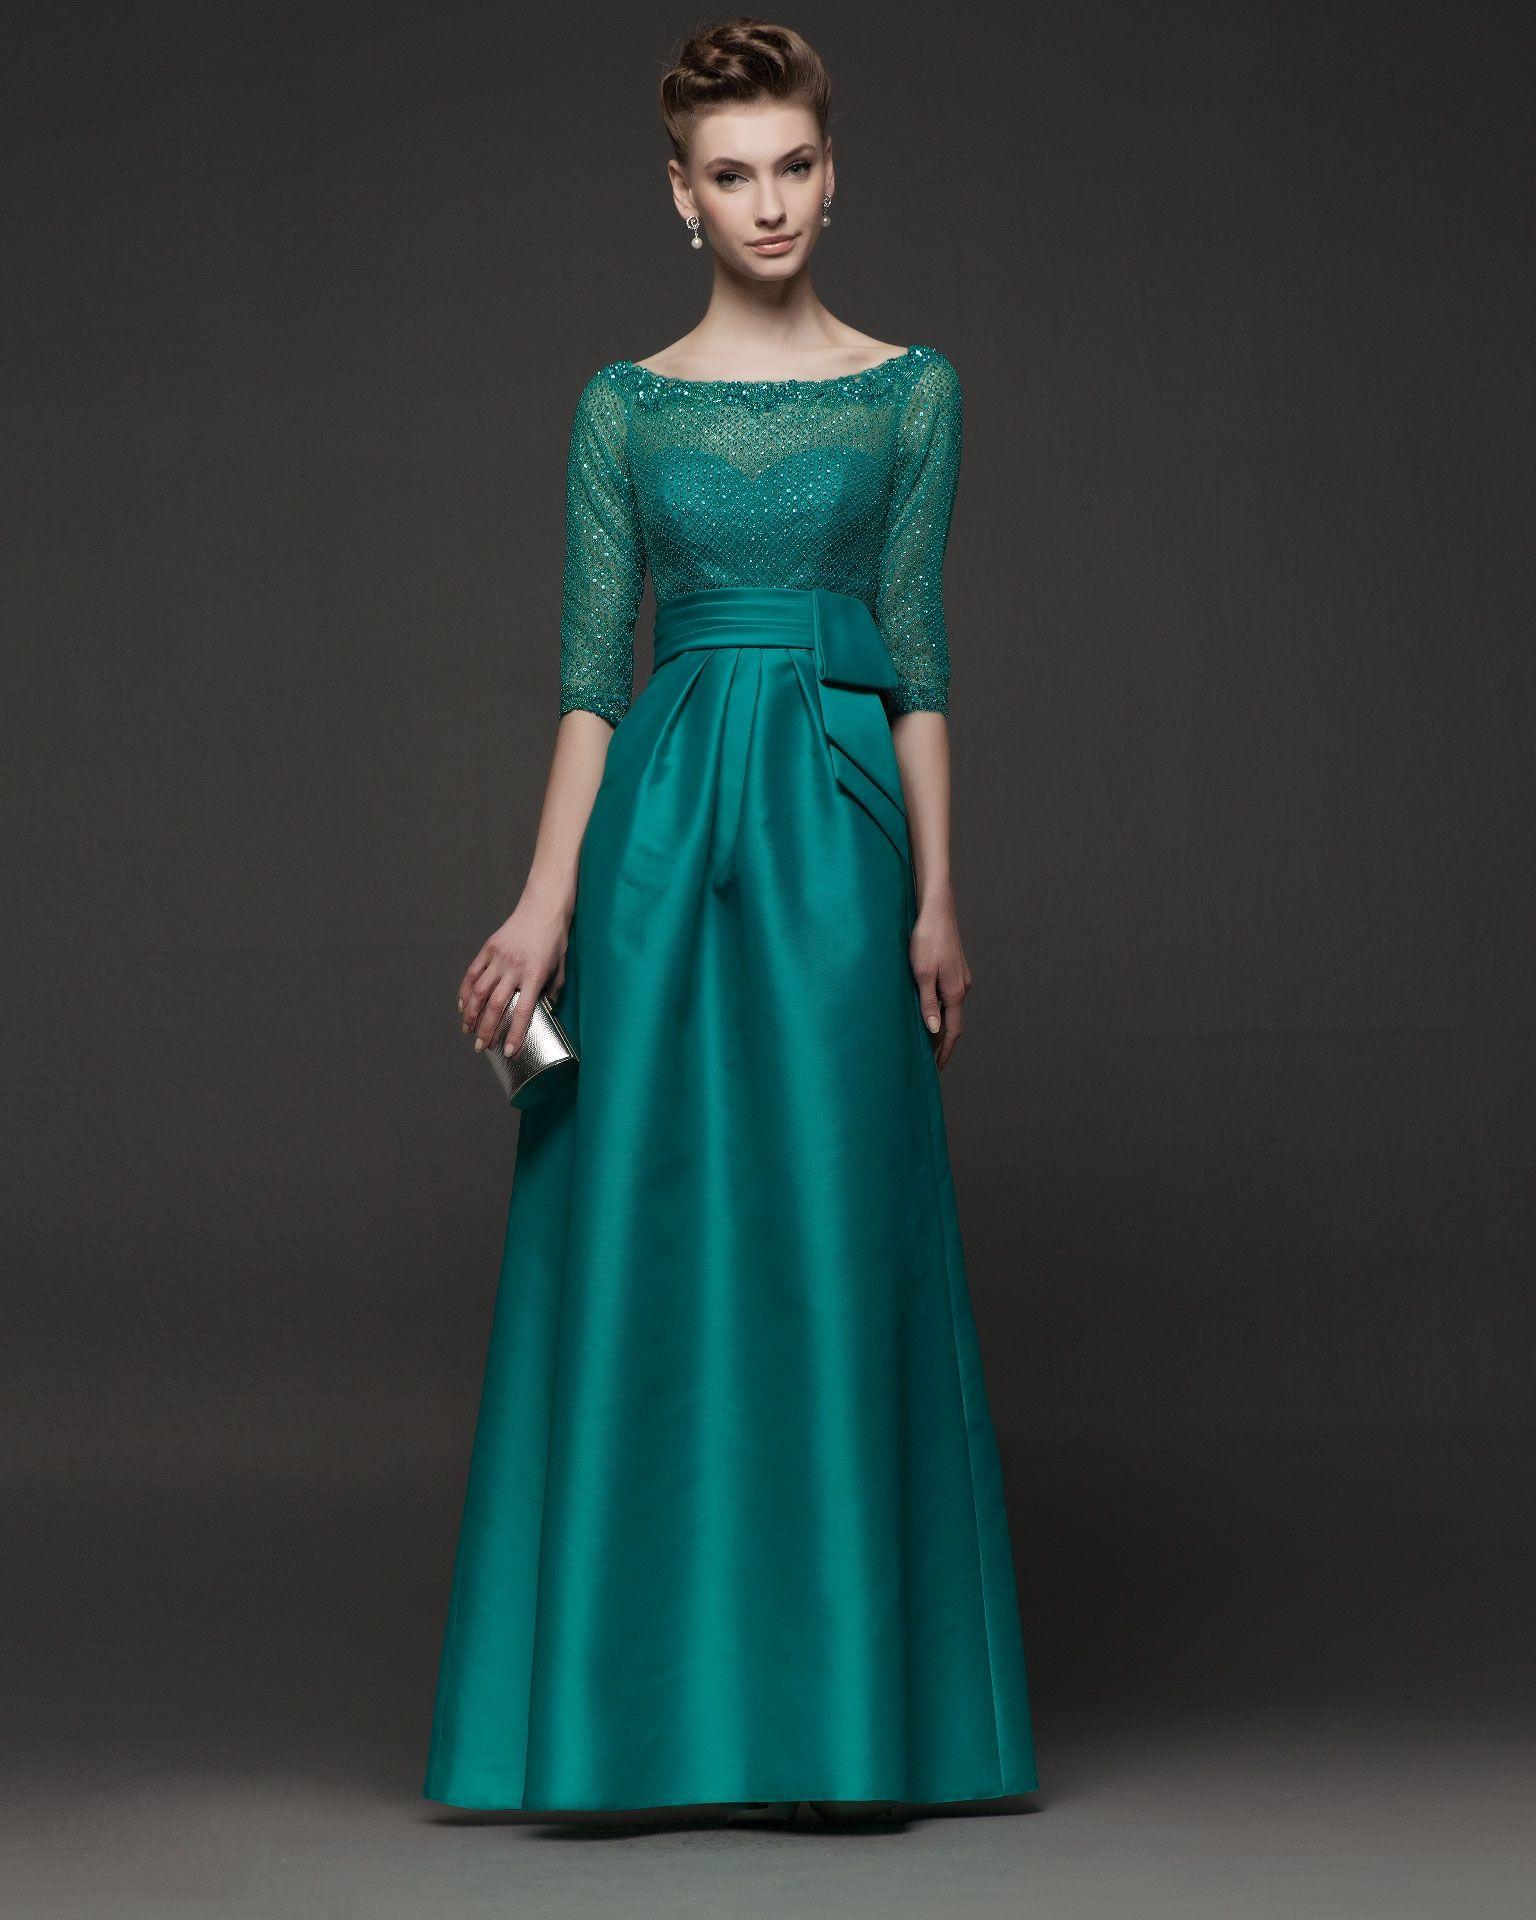 Mejores vestidos de fiesta 2014